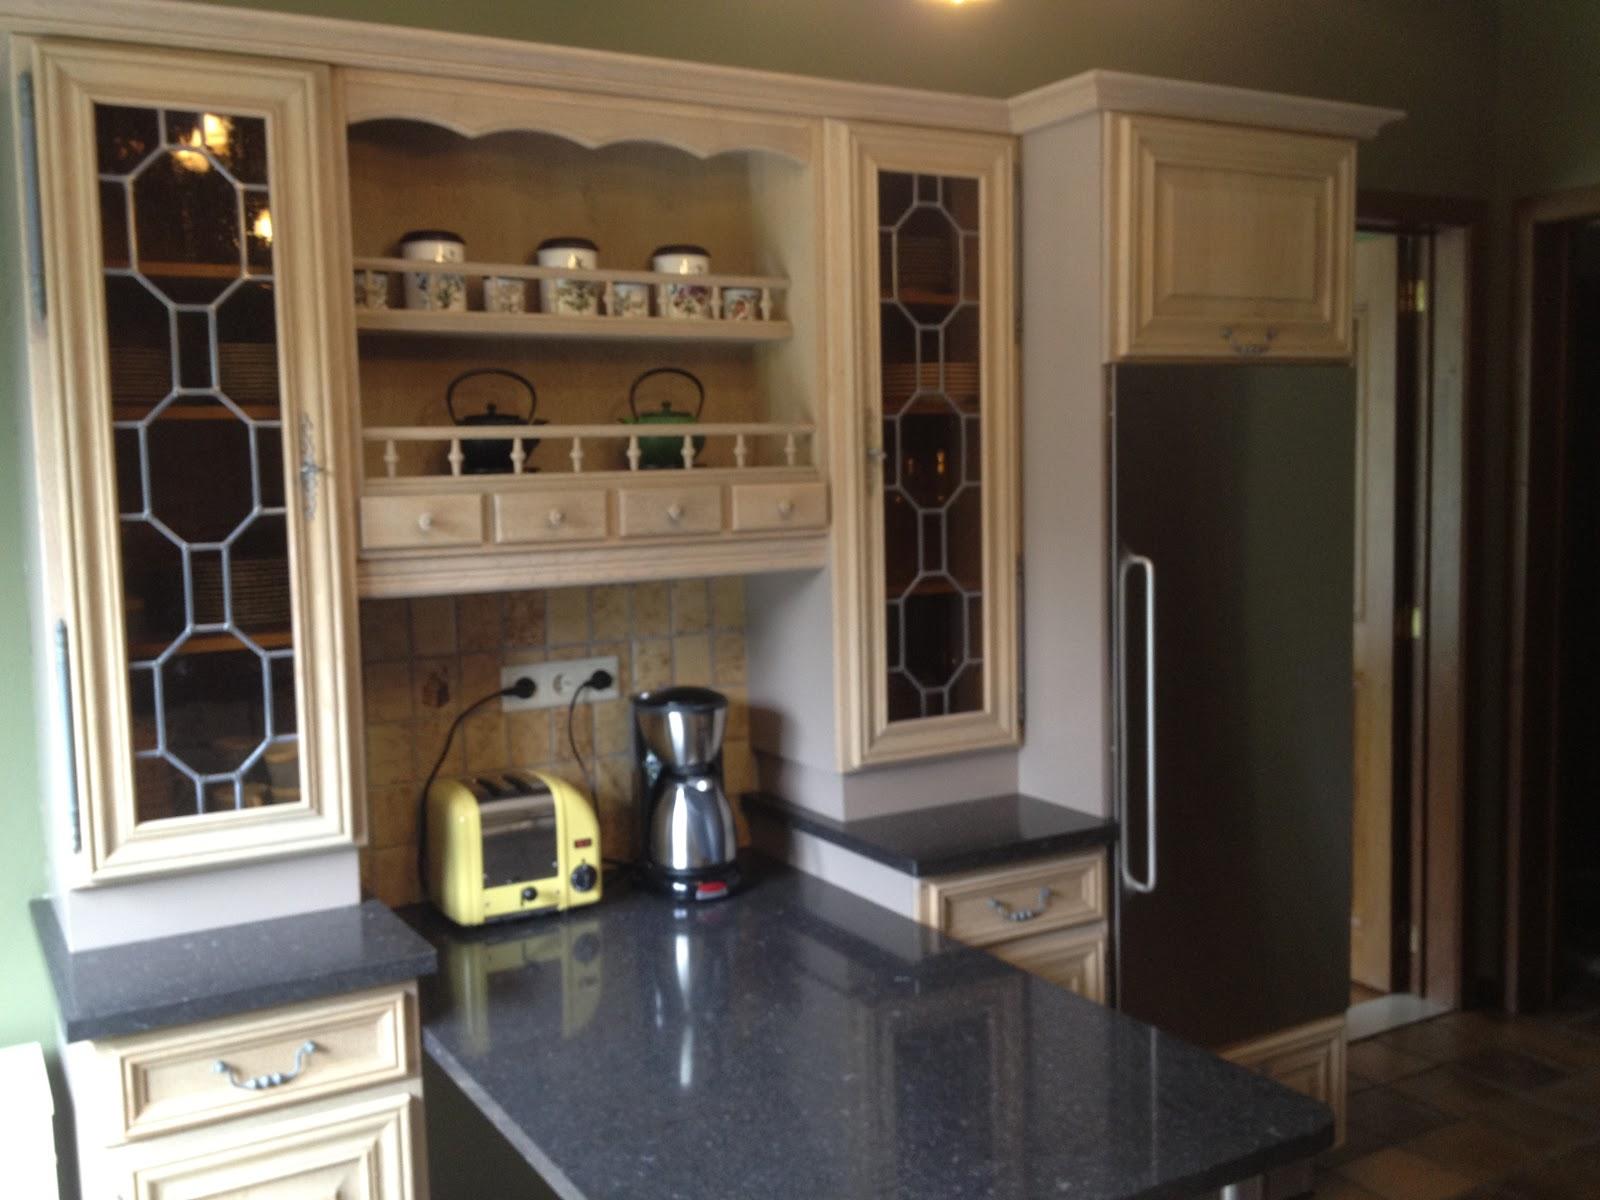 Zandstralen vernieuwen beitsen en vernissen van eiken keuken uit brussel sint pieters leeuw - Keuken glas werkplaats ...